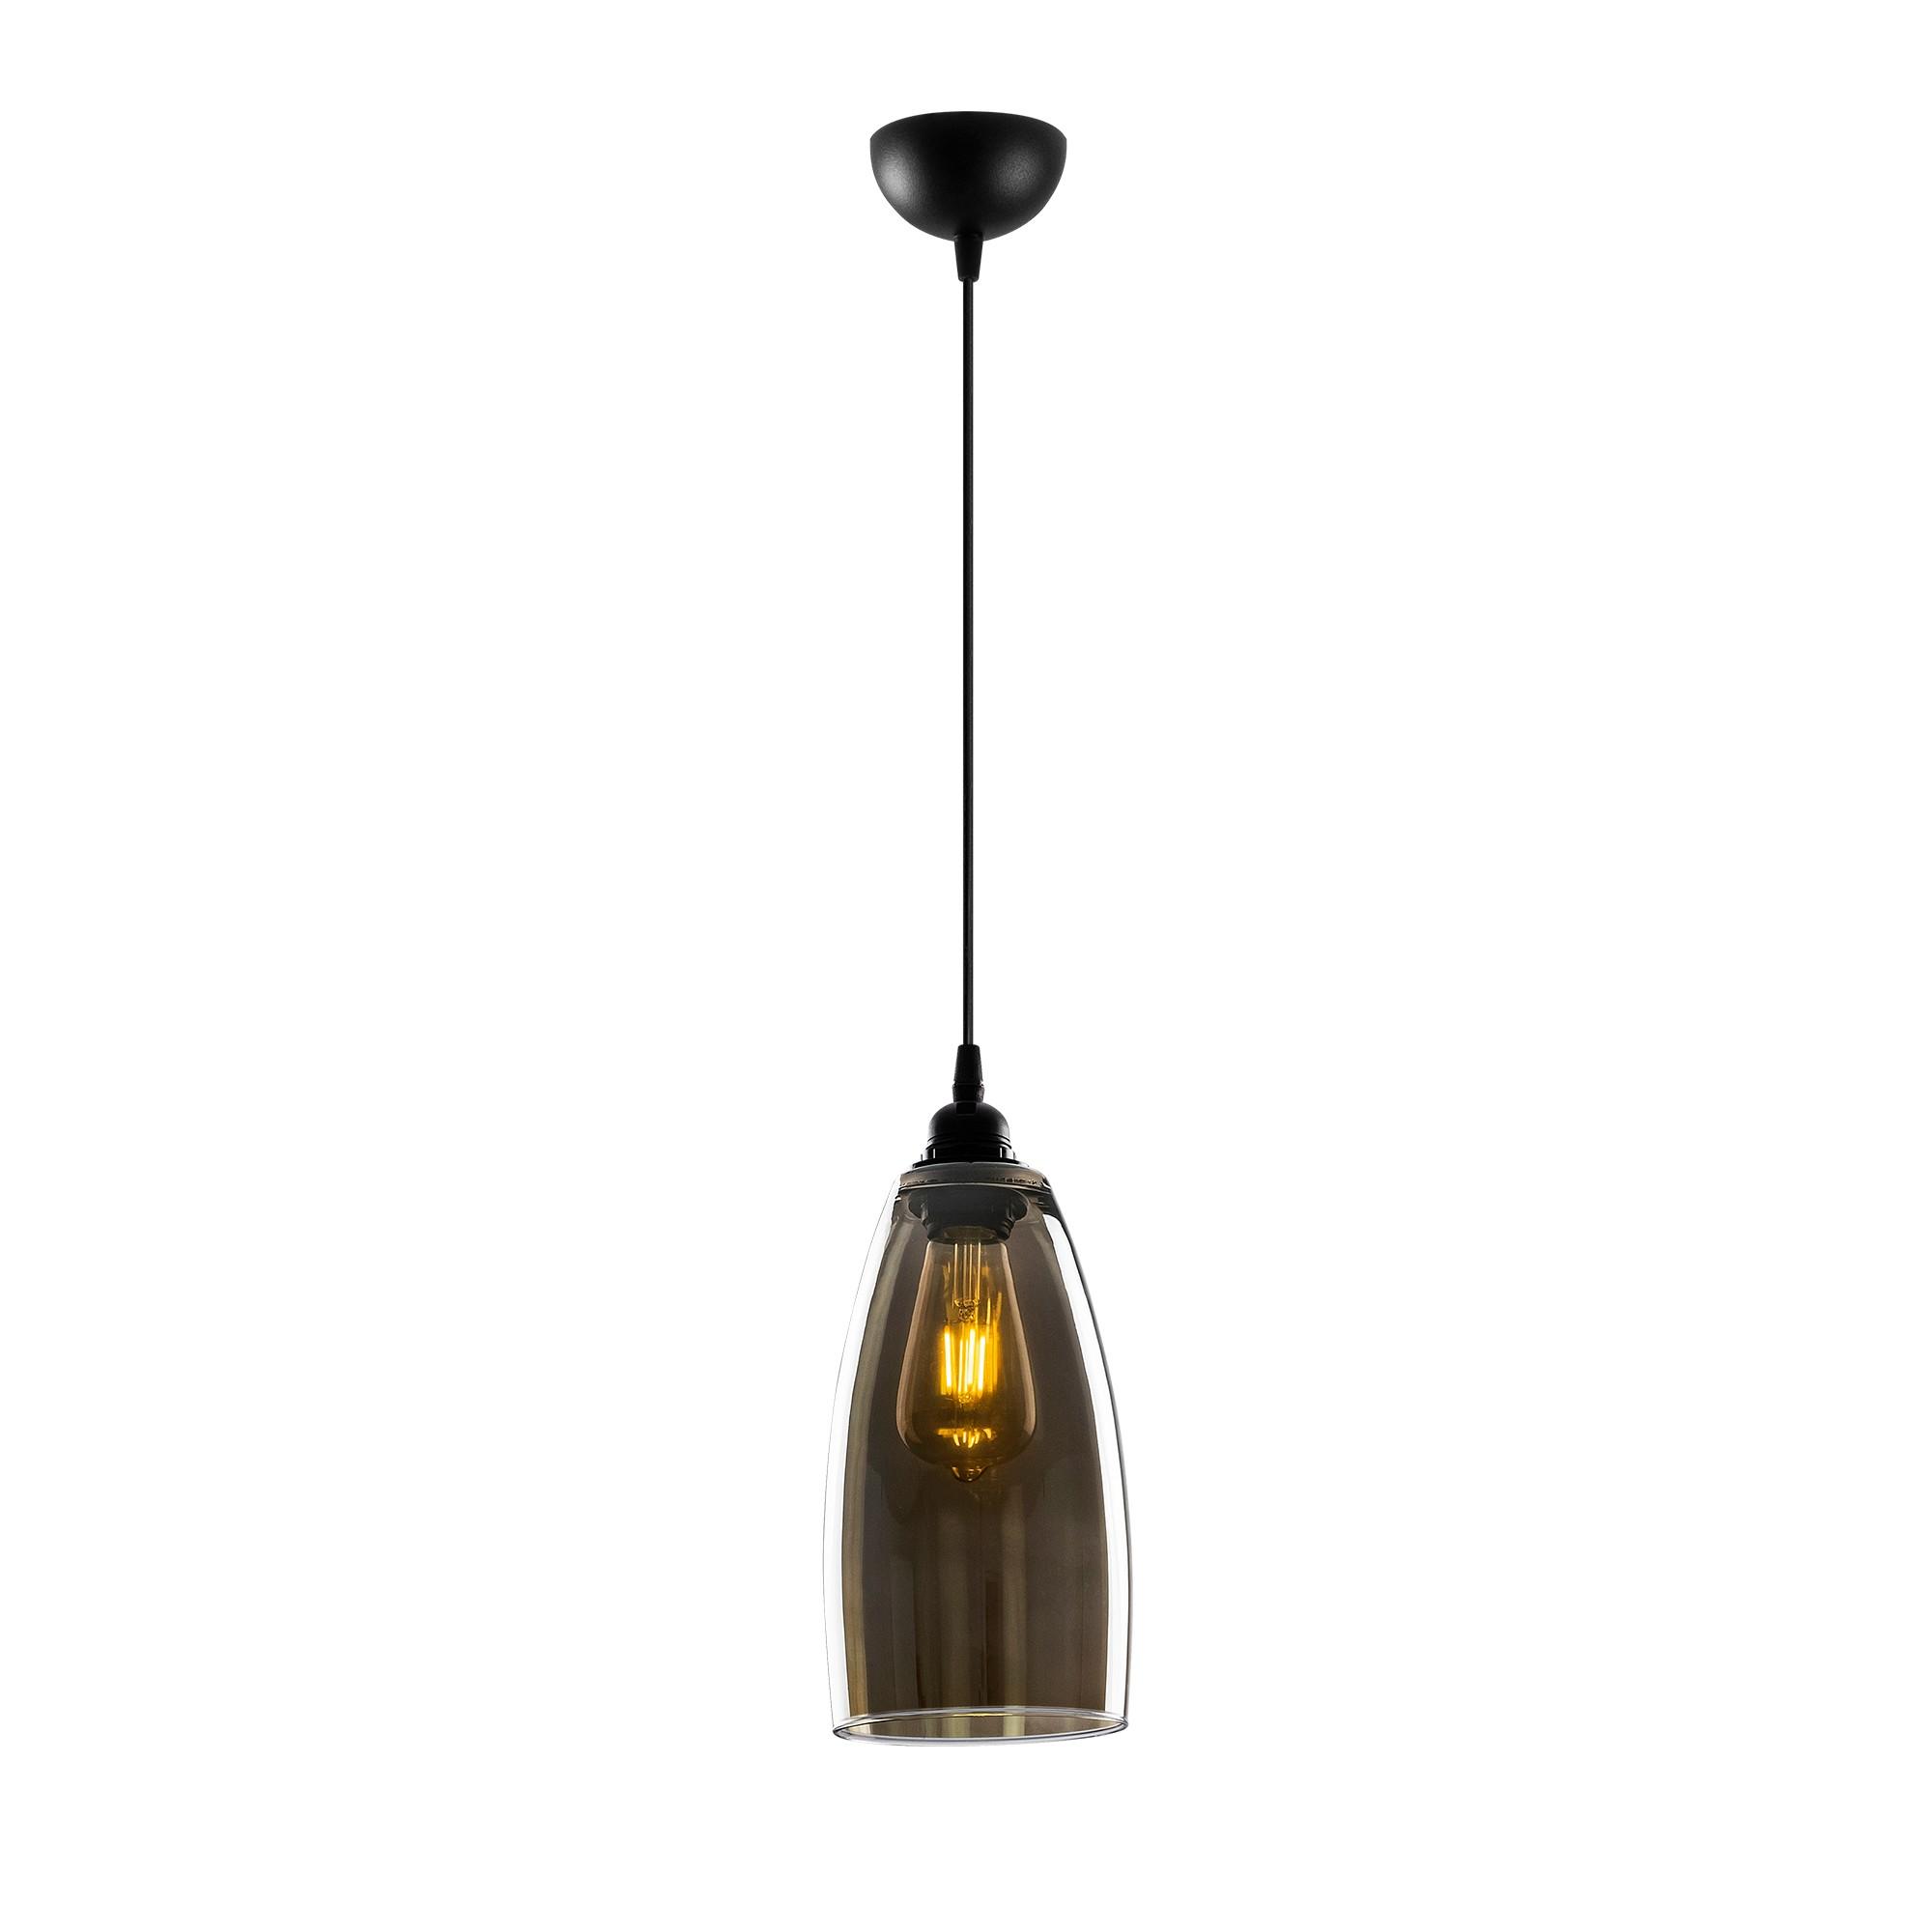 Hanglamp glad smoked glass langwerpig 1 x E27 fitting - vooraanzicht lamp aan